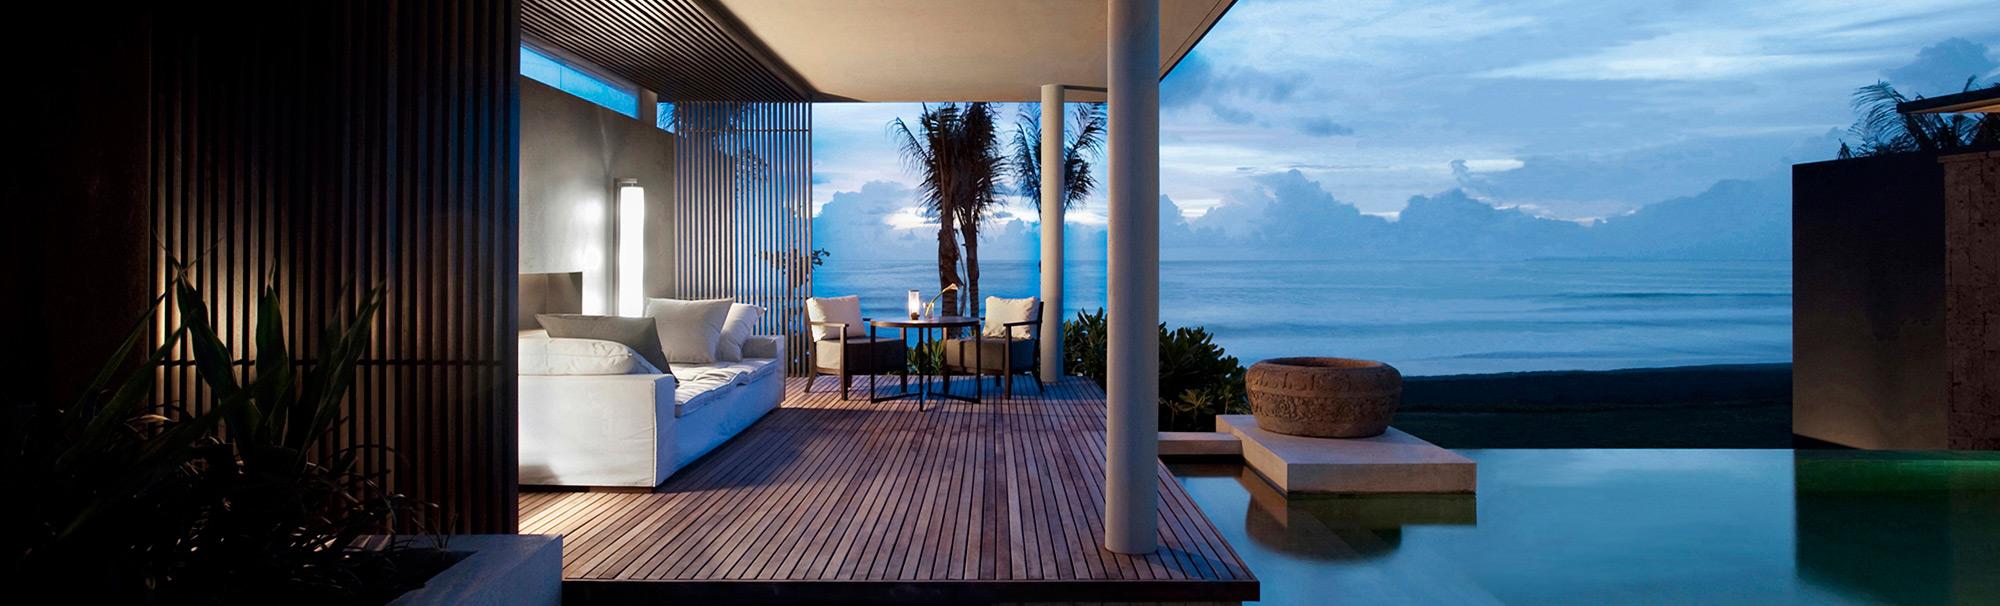 Alila Villas Soori Ocean Villa with Pool